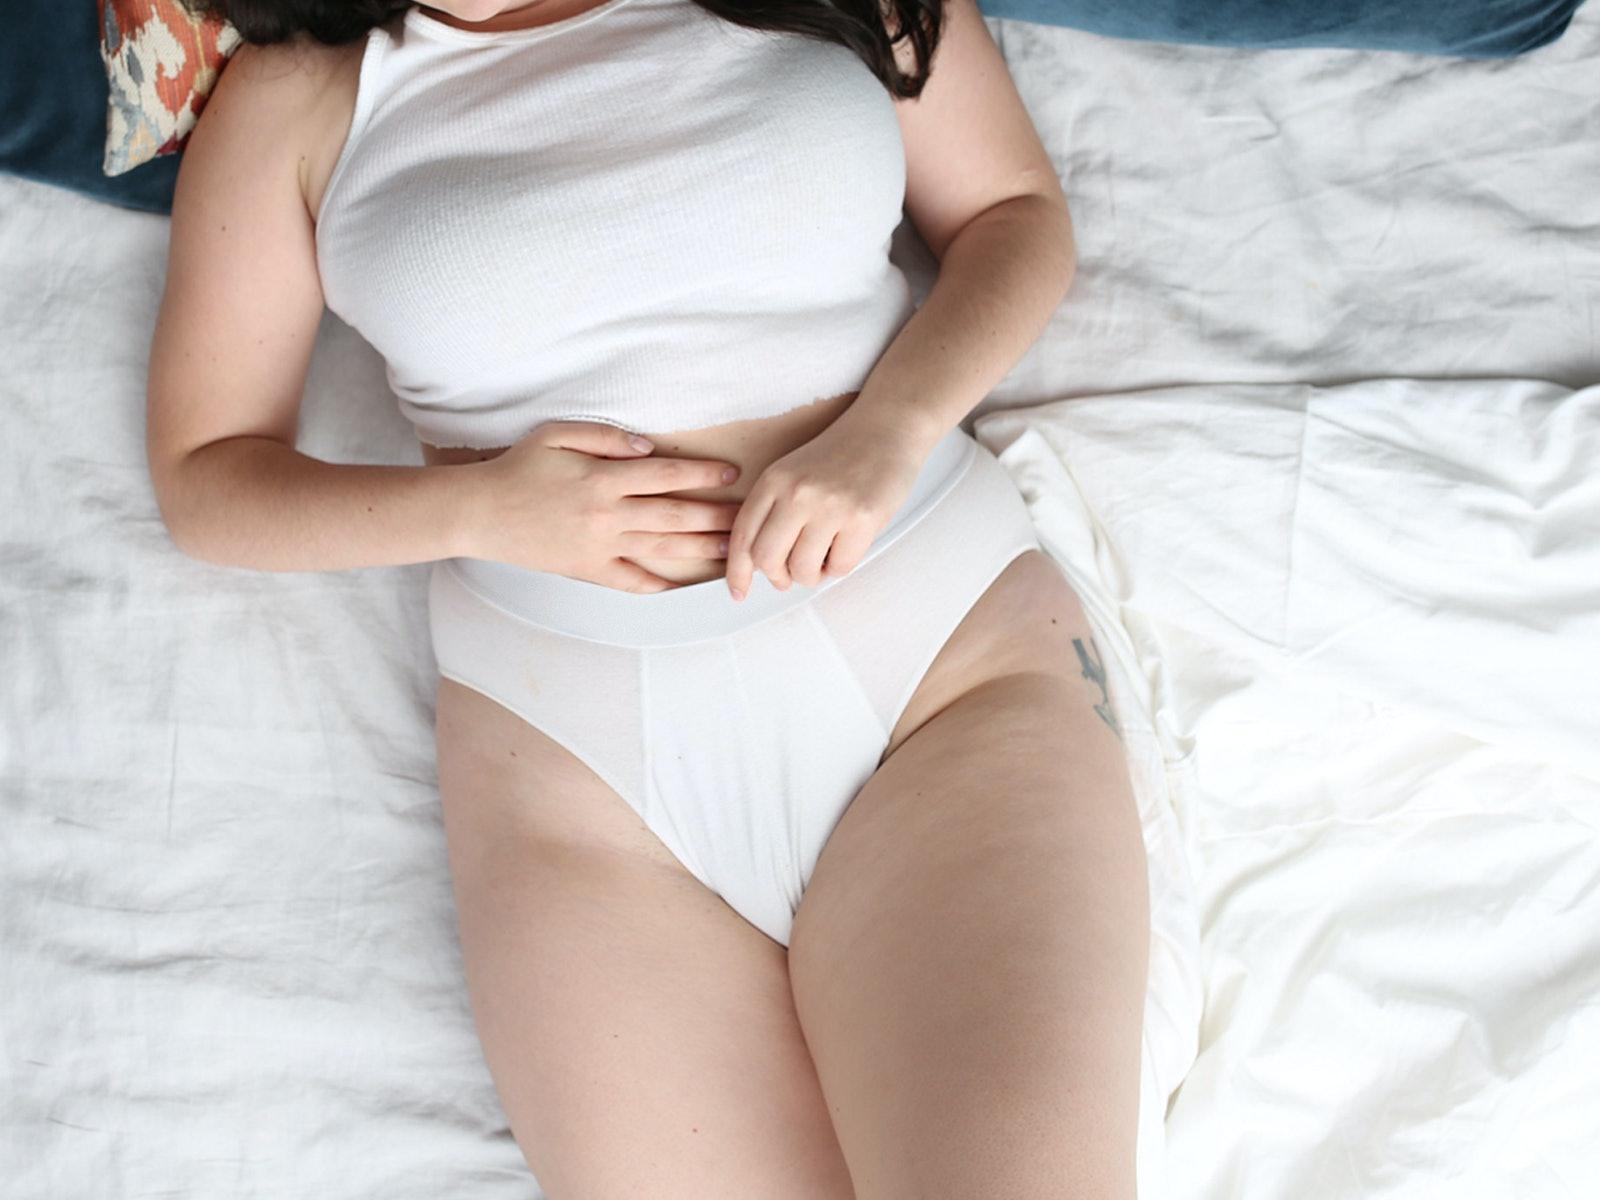 Big brazil butt porn